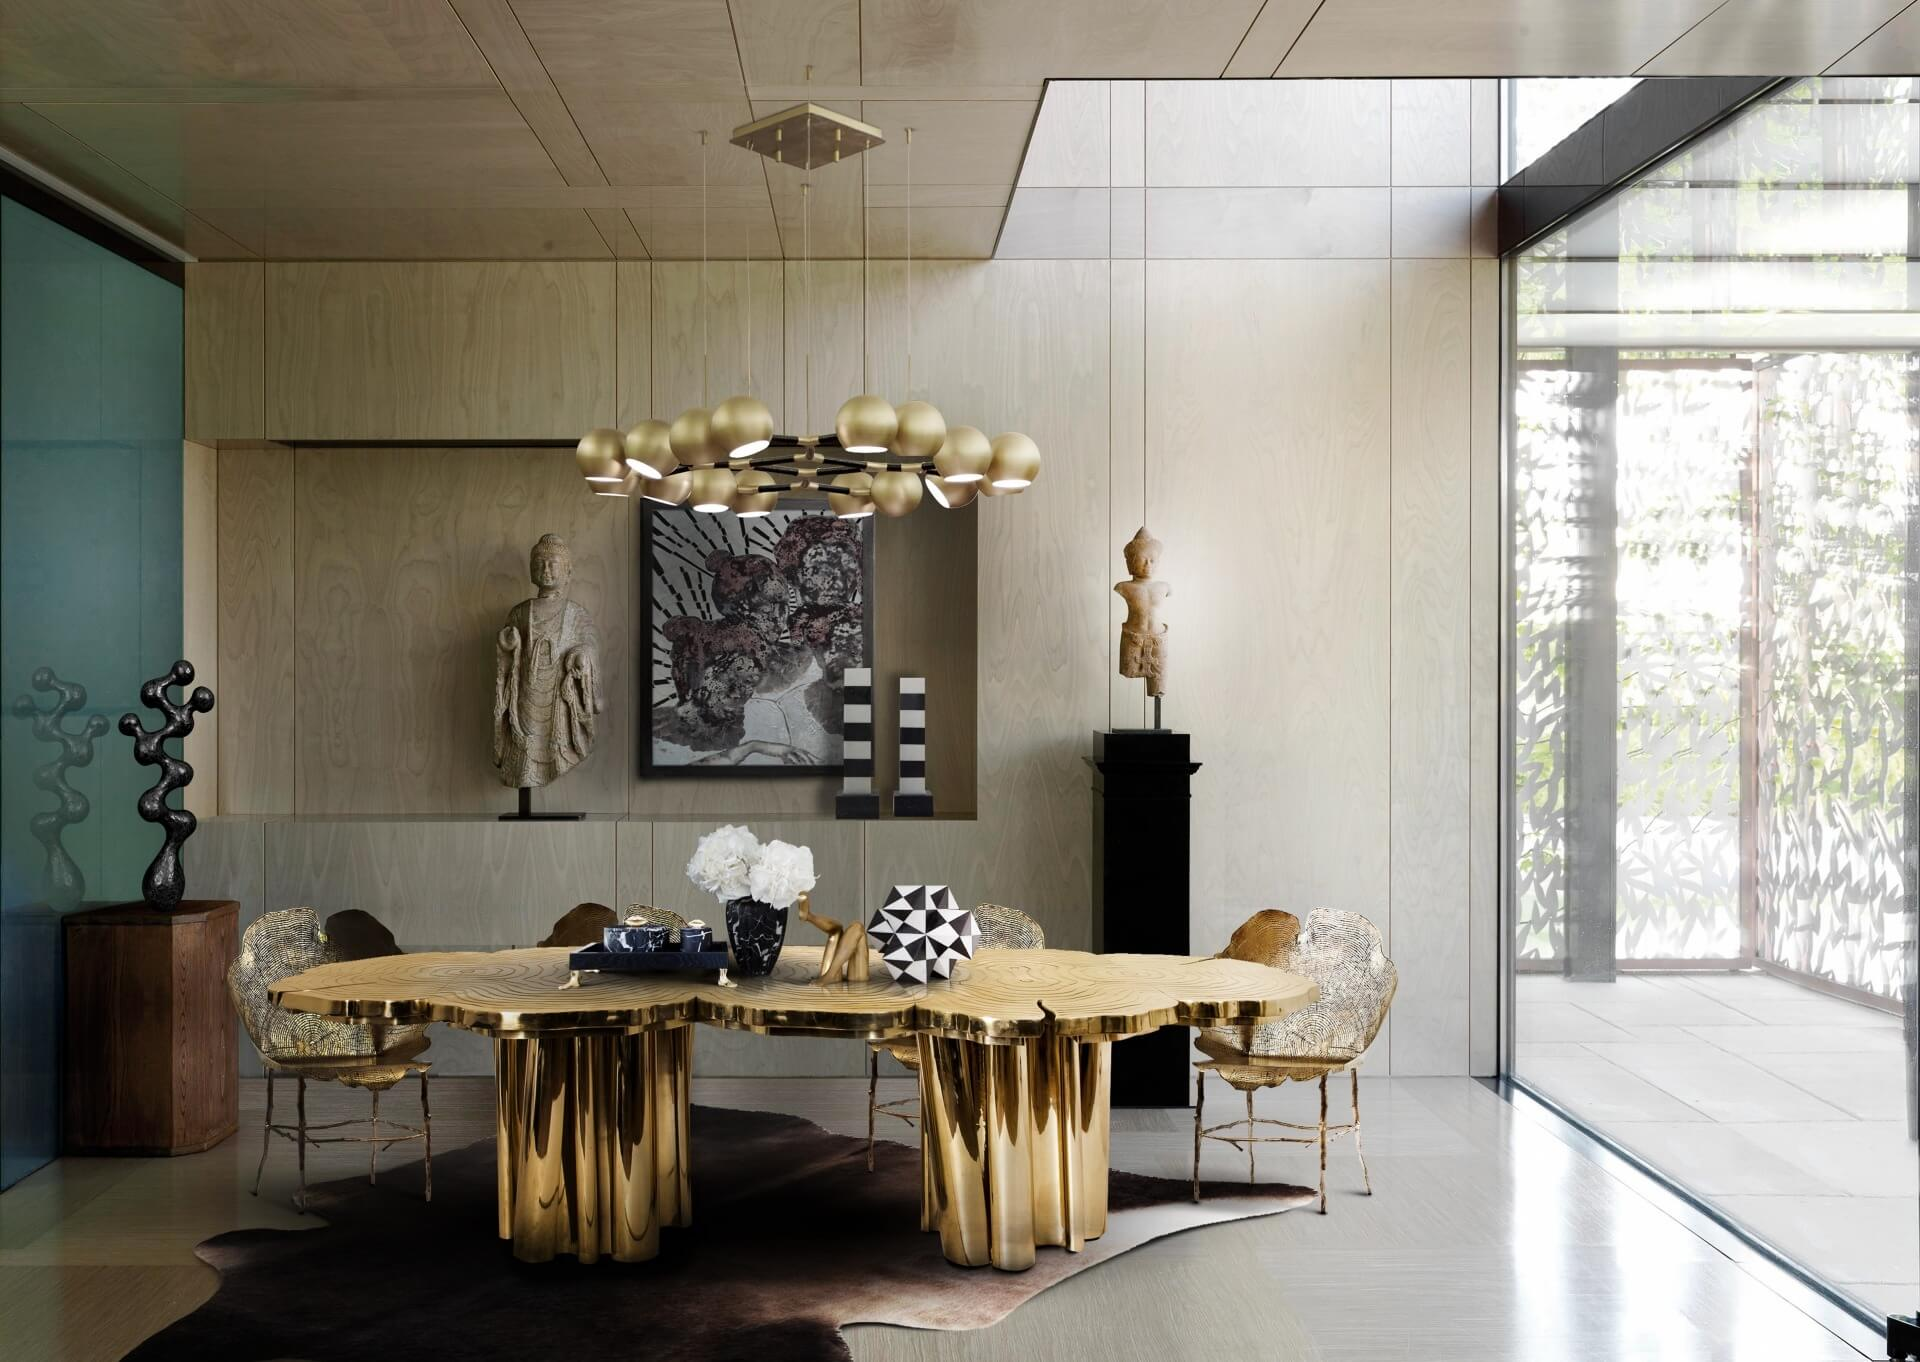 Top nhữThiết kế nội thất dát vàng ng thiết kế nội thất dát vàng sang trọng và đẳng cấp nhất